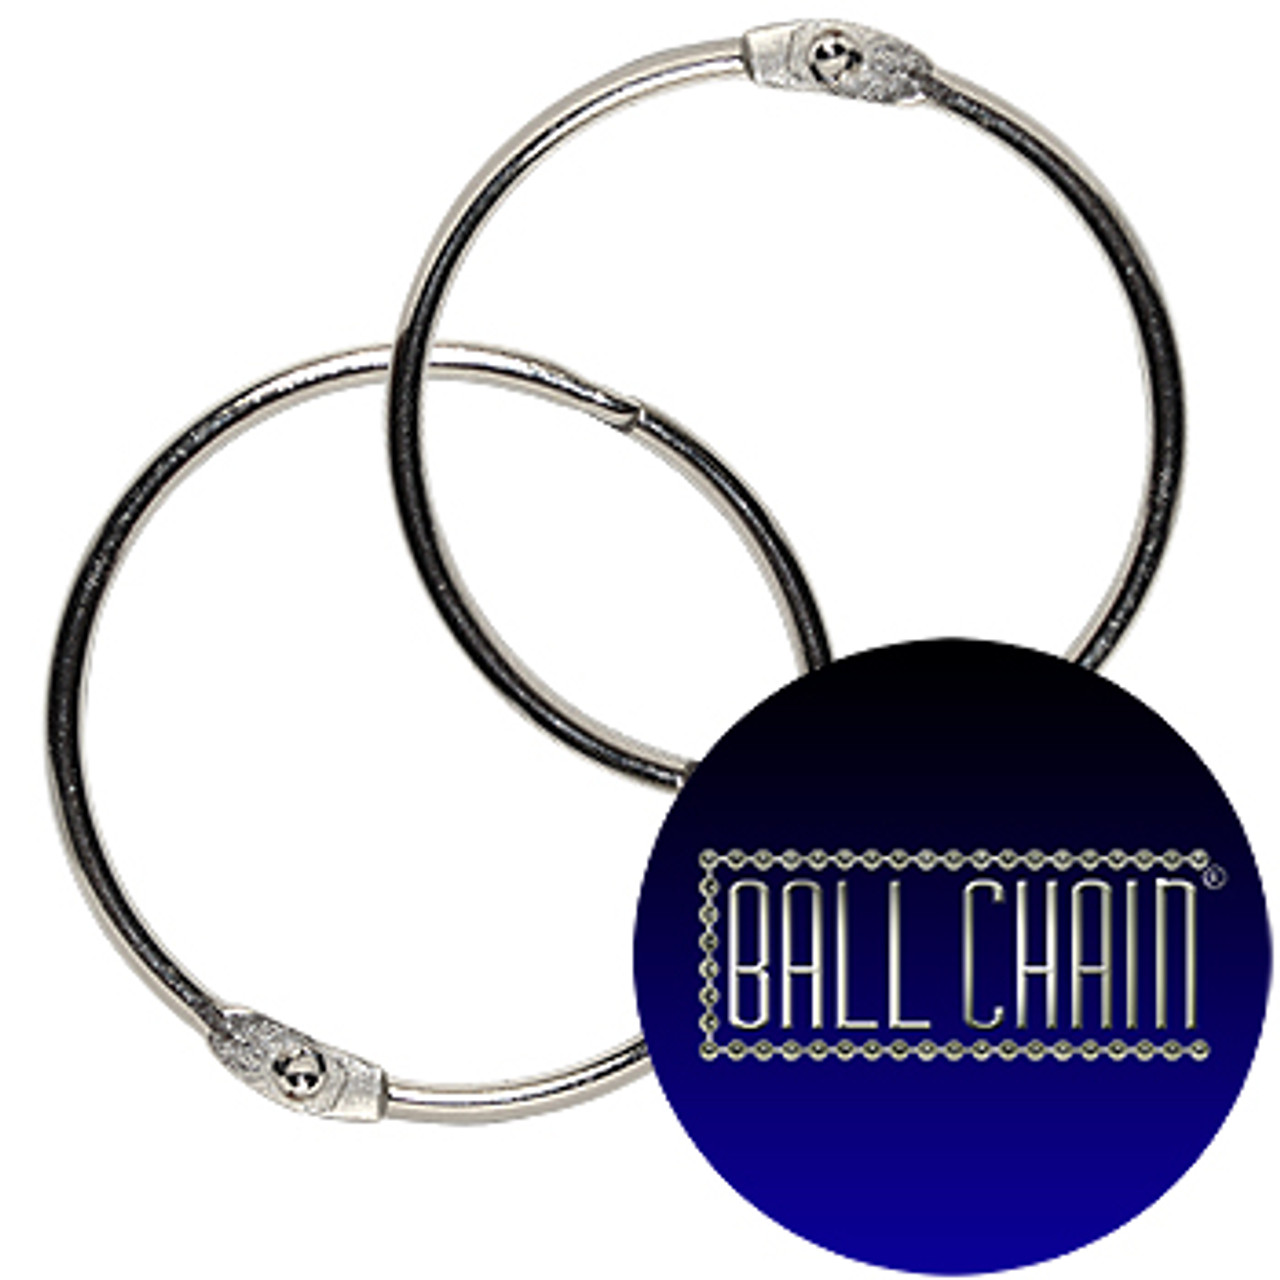 2 Inch Nickel Plated Steel Binder Rings